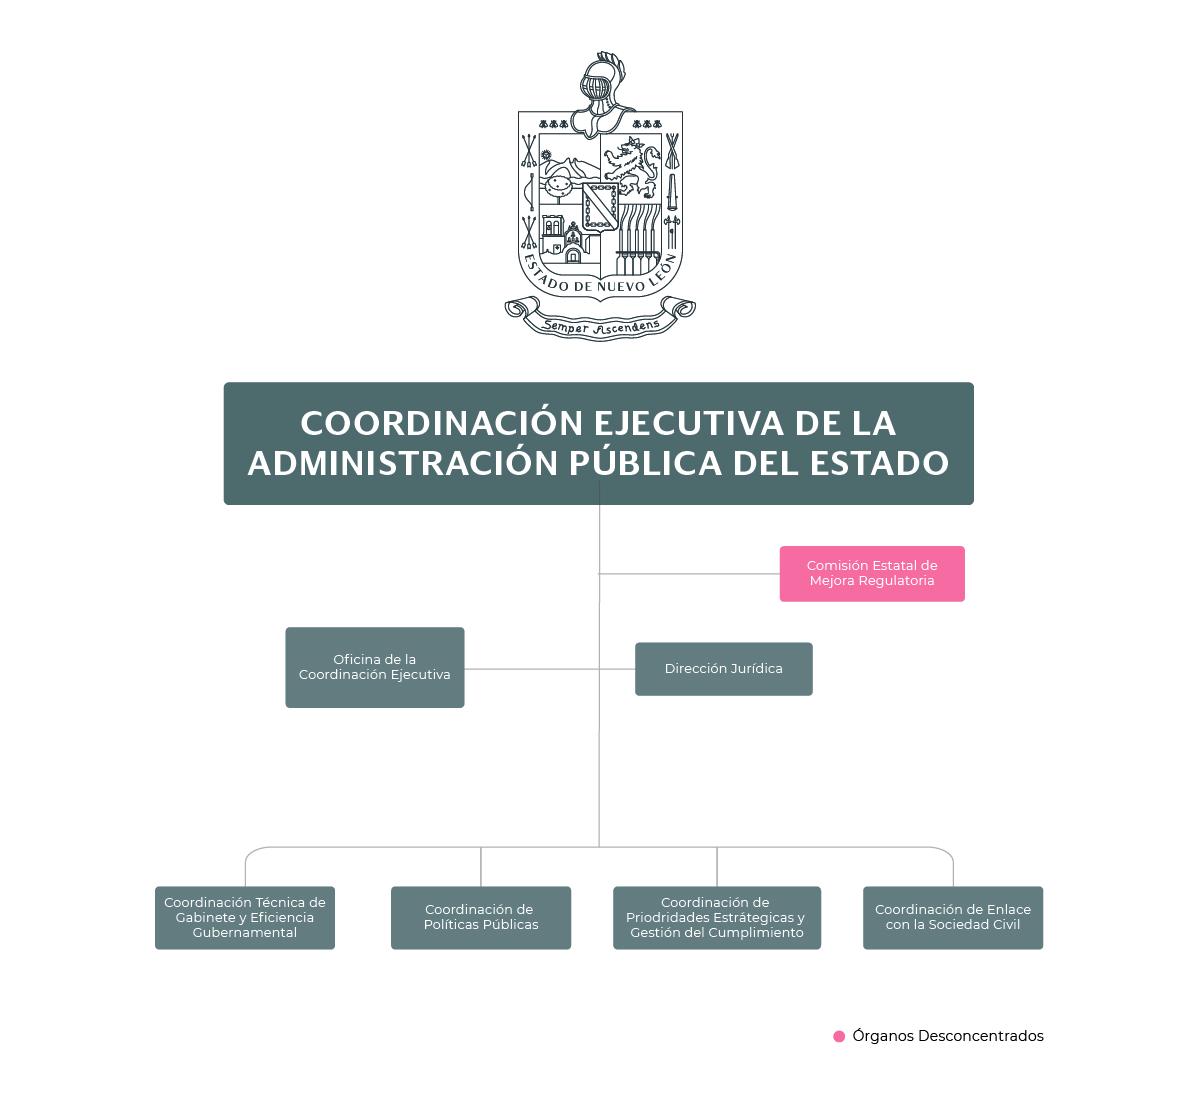 Organigrama de la Coordinación Ejecutiva de la Administración Pública del Estado